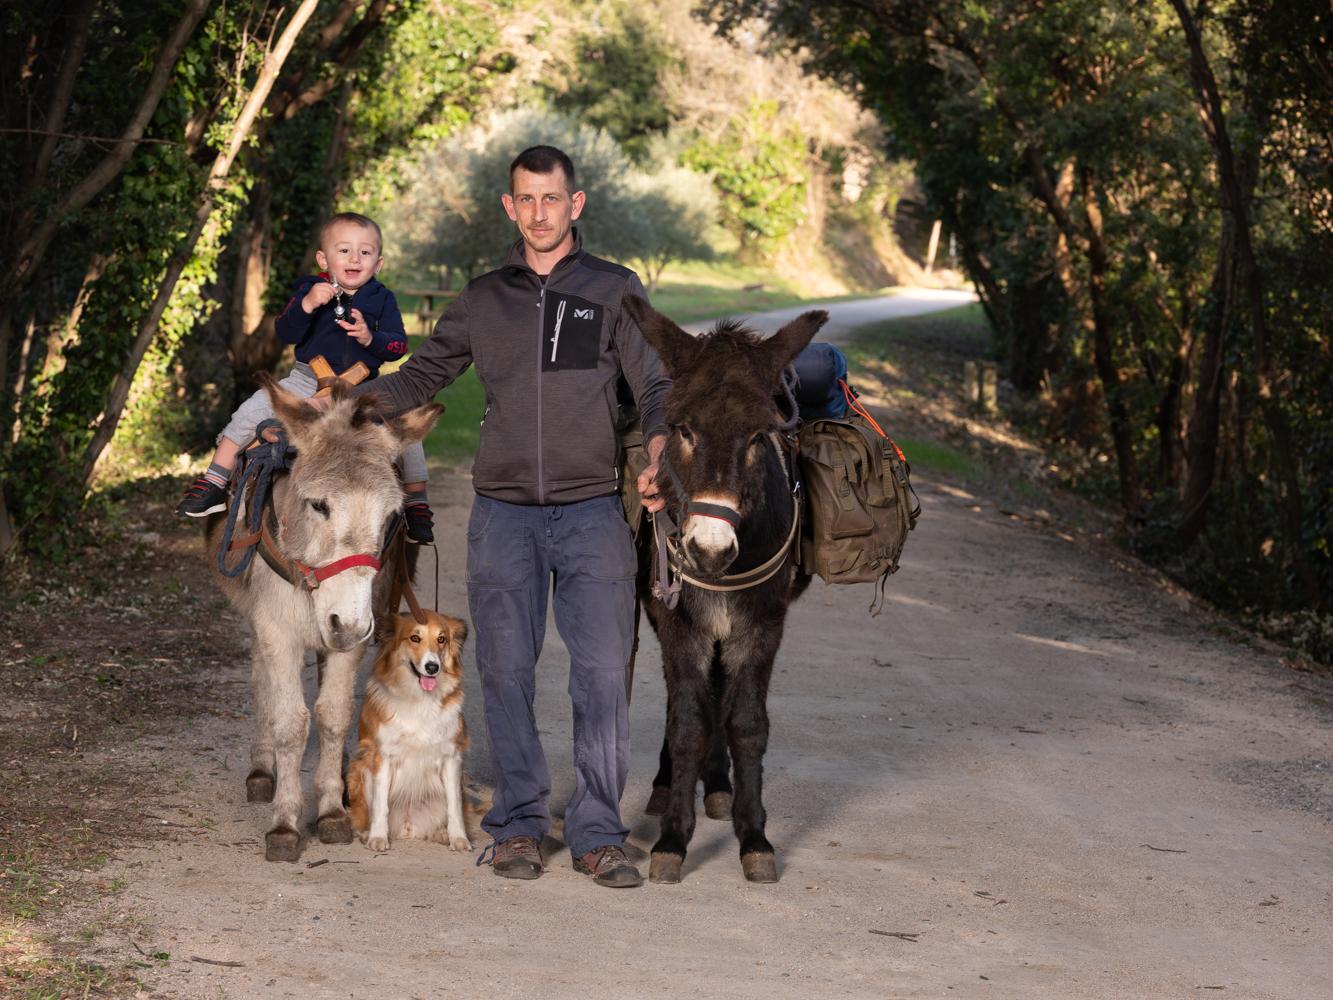 Sylvain, ânier et son fils Luka usagers voie verte Parc naturel Haut-Languedoc région Occitanie